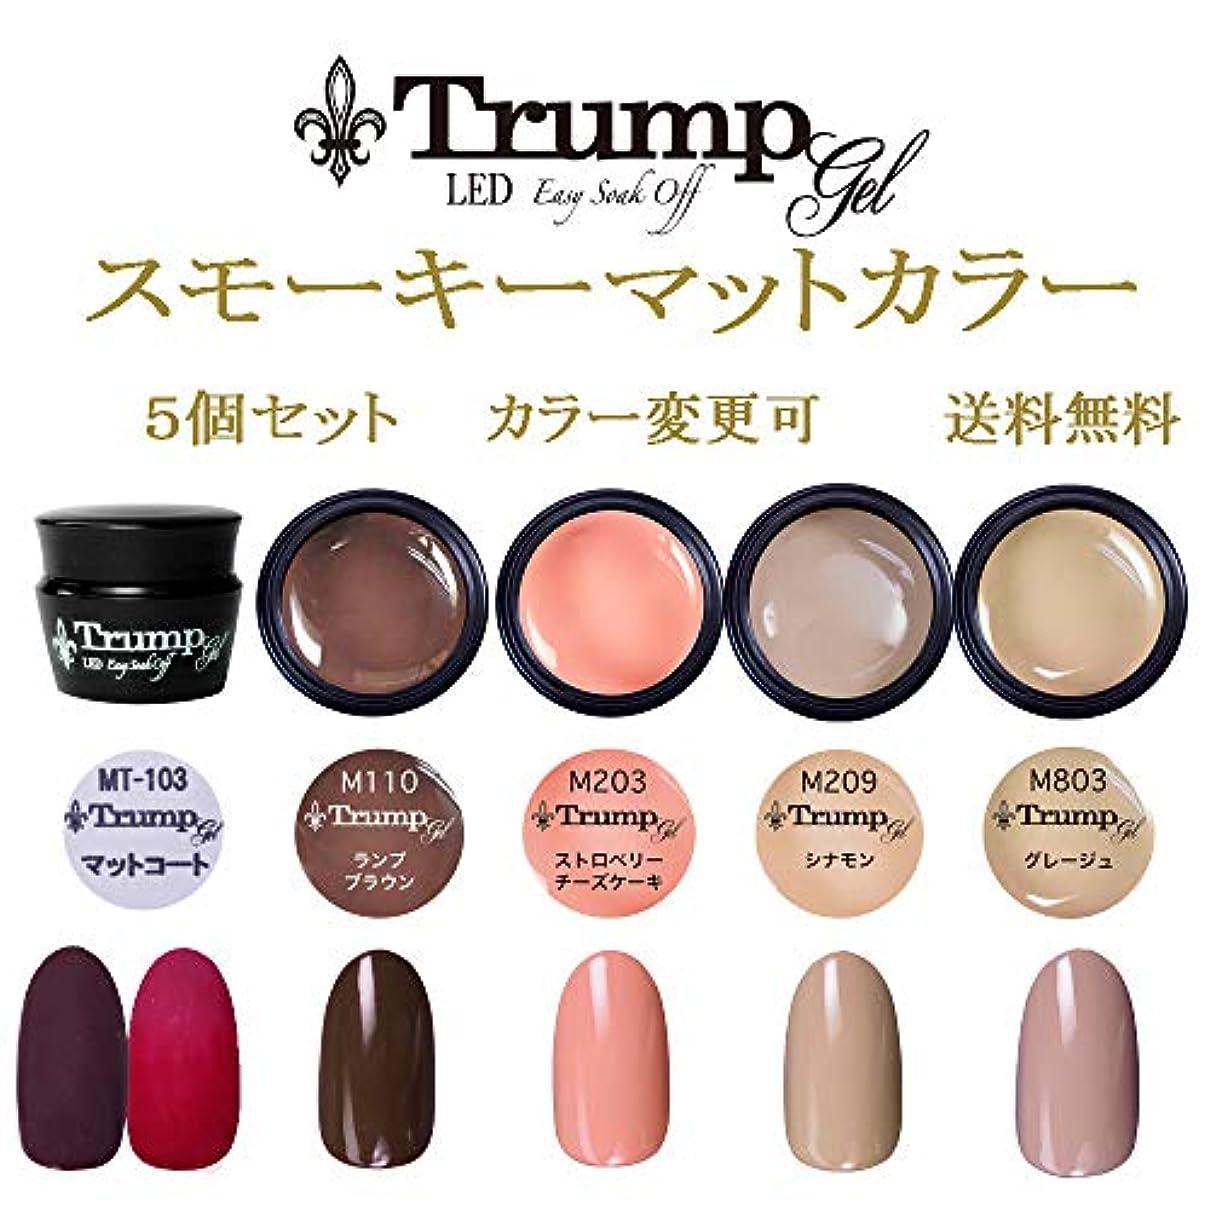 ぬるいホイストビール【送料無料】日本製 Trump gel トランプジェル スモーキーマット カラージェル 5個セット 魅惑のフロストマットトップとマットに合う人気カラーをチョイス